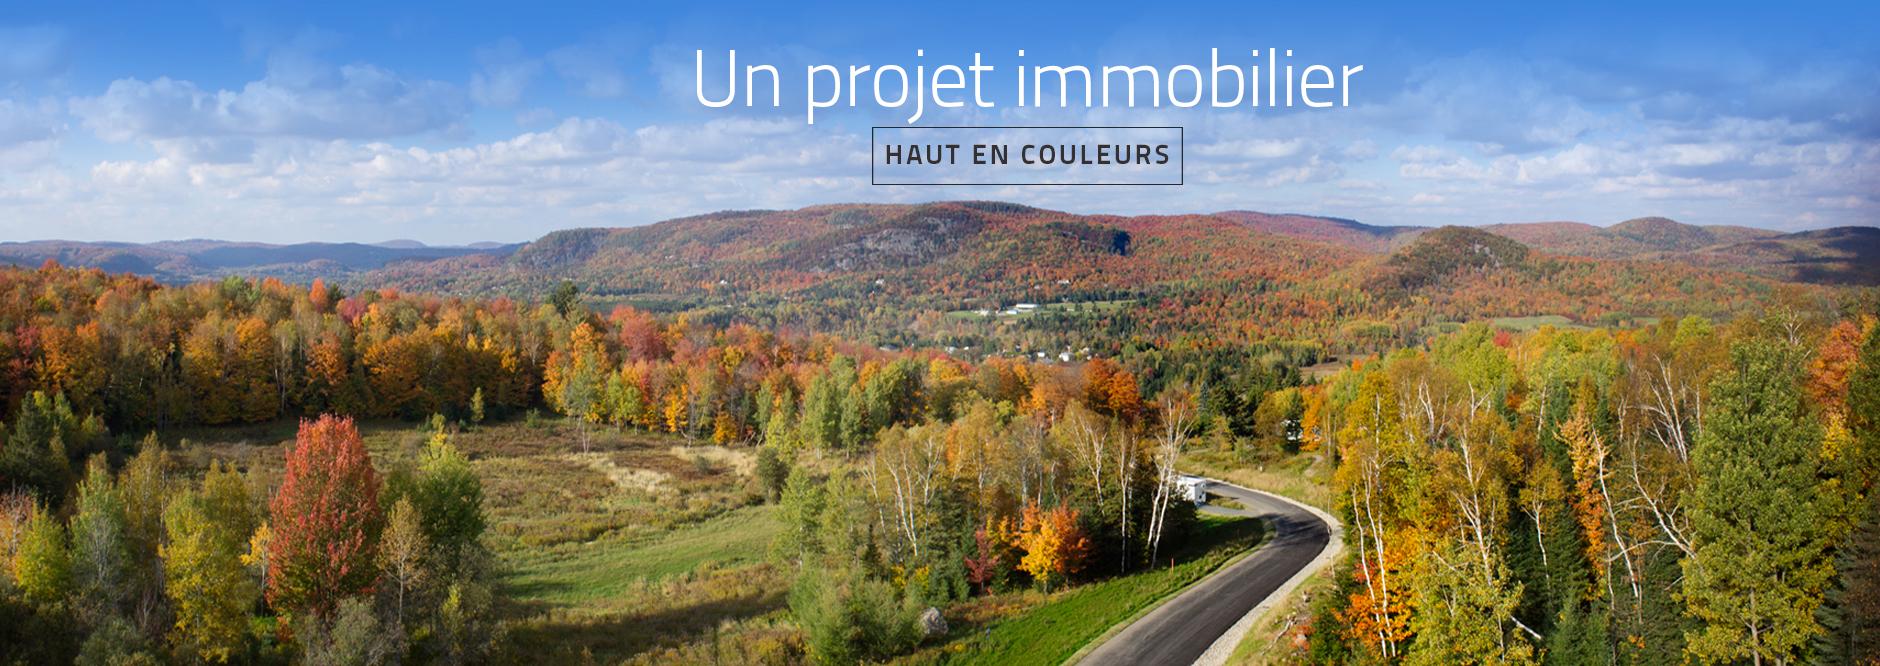 Un projet immobilier haut en couleurs